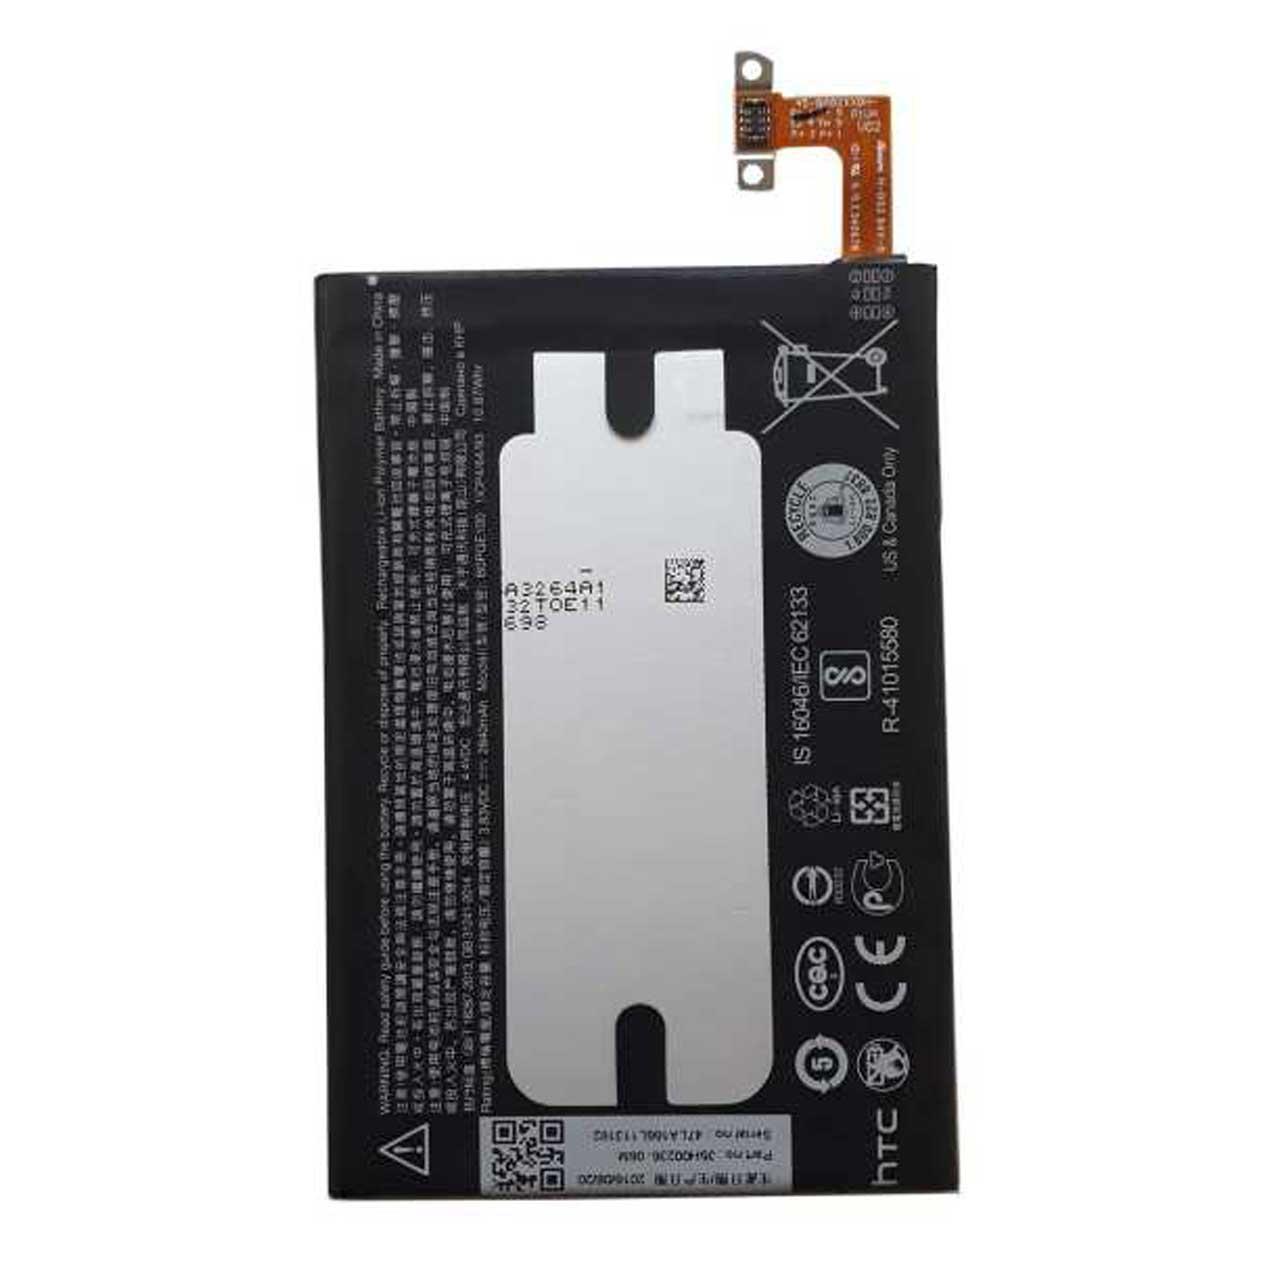 باتری موبایل مدل B0PGE100 ظرفیت 2840 میلی آمپر ساعت مناسب برای گوشی موبایل اچ تی سی One M9 plus